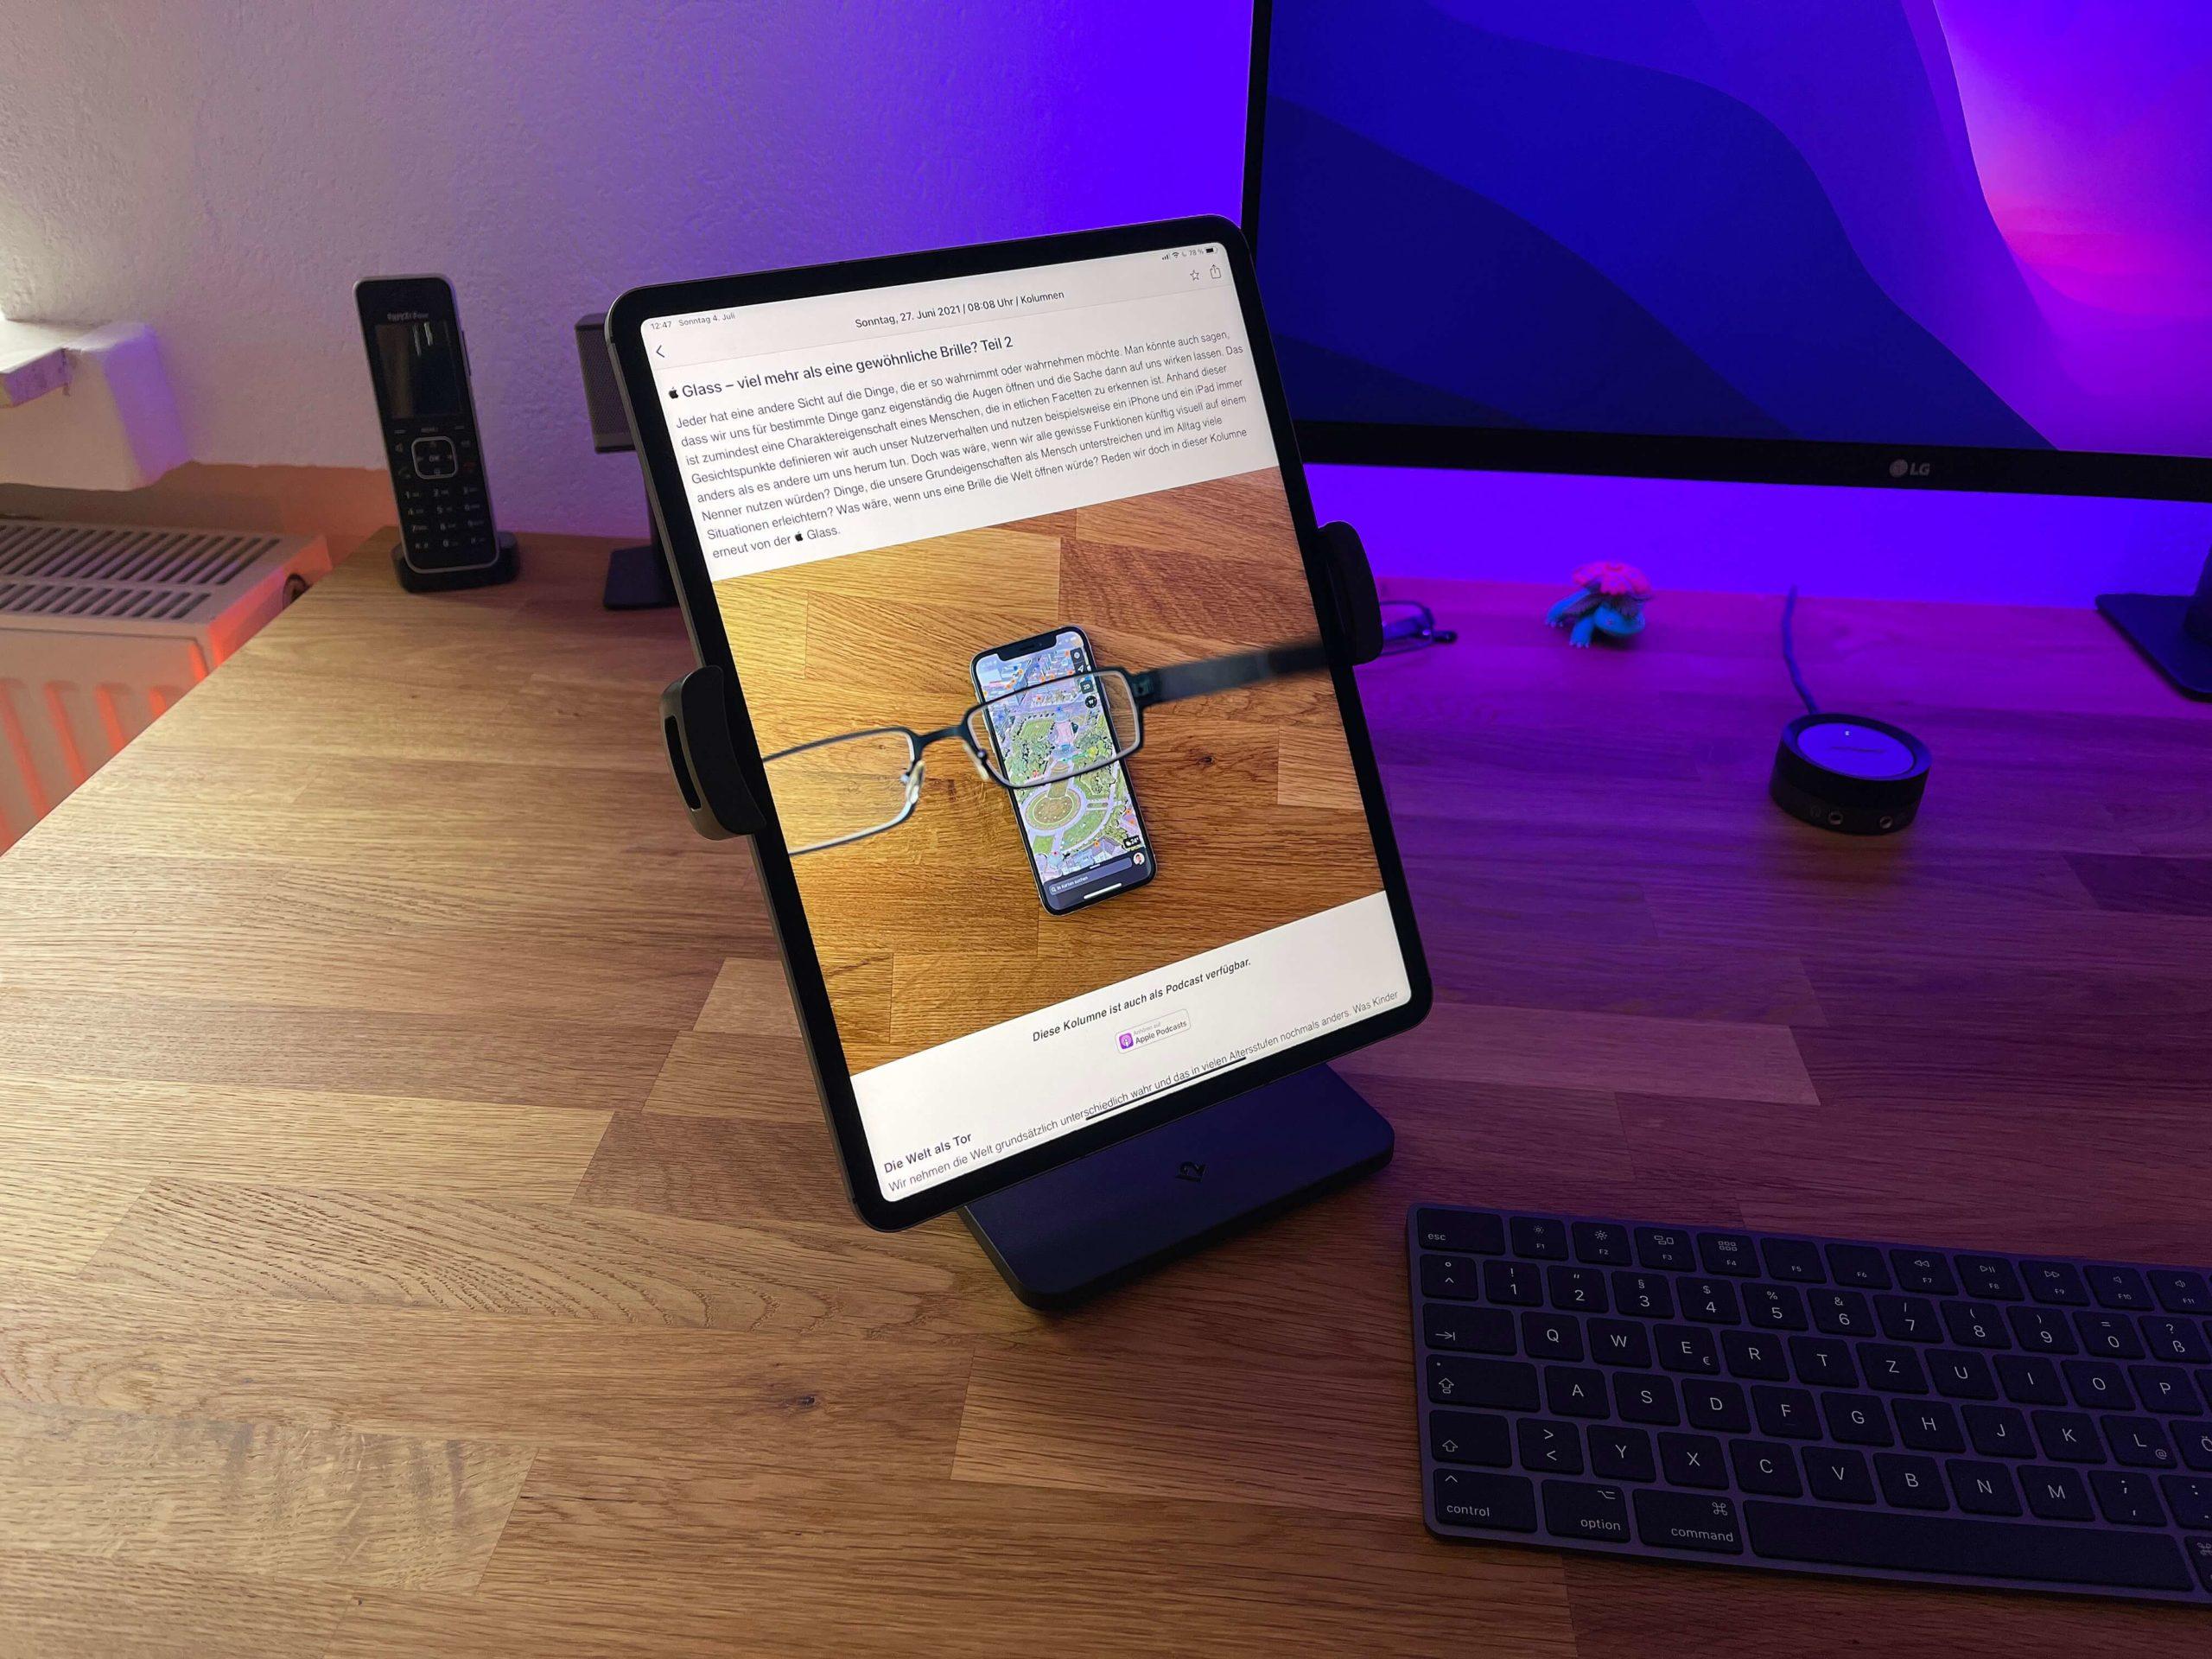 HoverBar-Duo-von-Twelve-South-verstellbarer-Schwanenhalshalter-fuer-das-iPad6-scaled HoverBar Duo von Twelve South - verstellbarer Schwanenhalshalter für das iPad